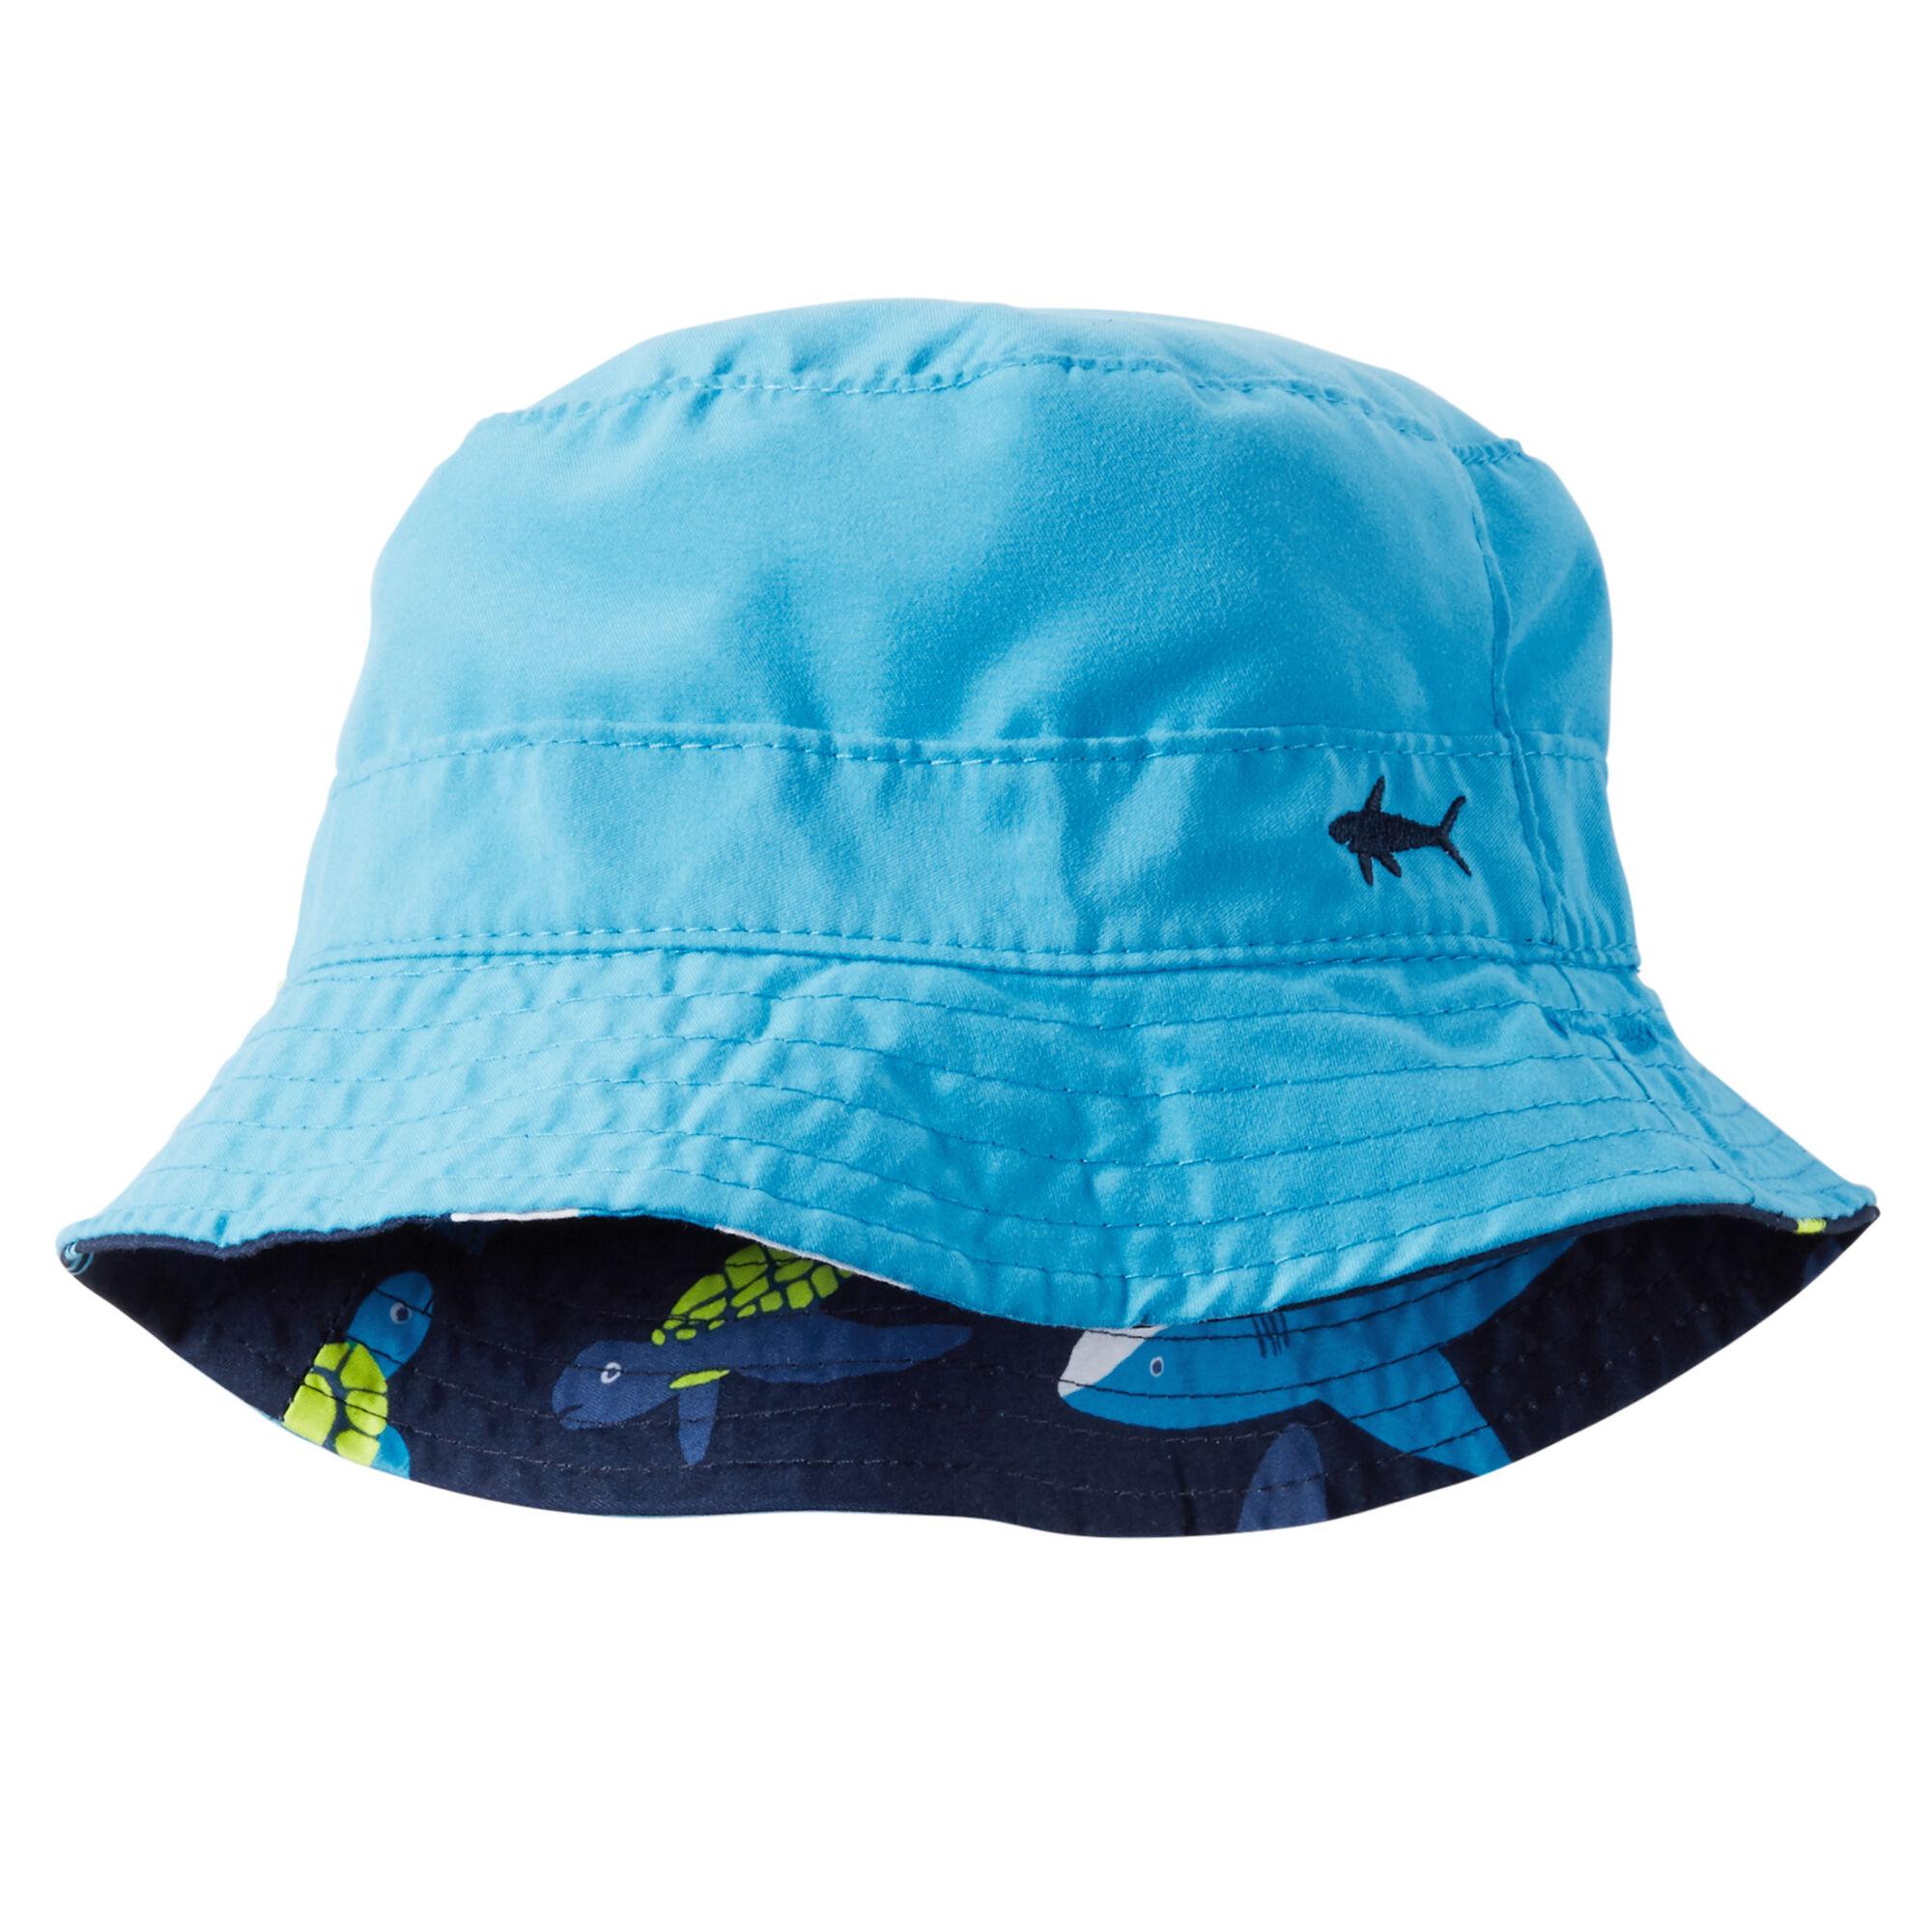 3b059af7c2 germany hundreds of bucket hat zip code 5b633 f81d8